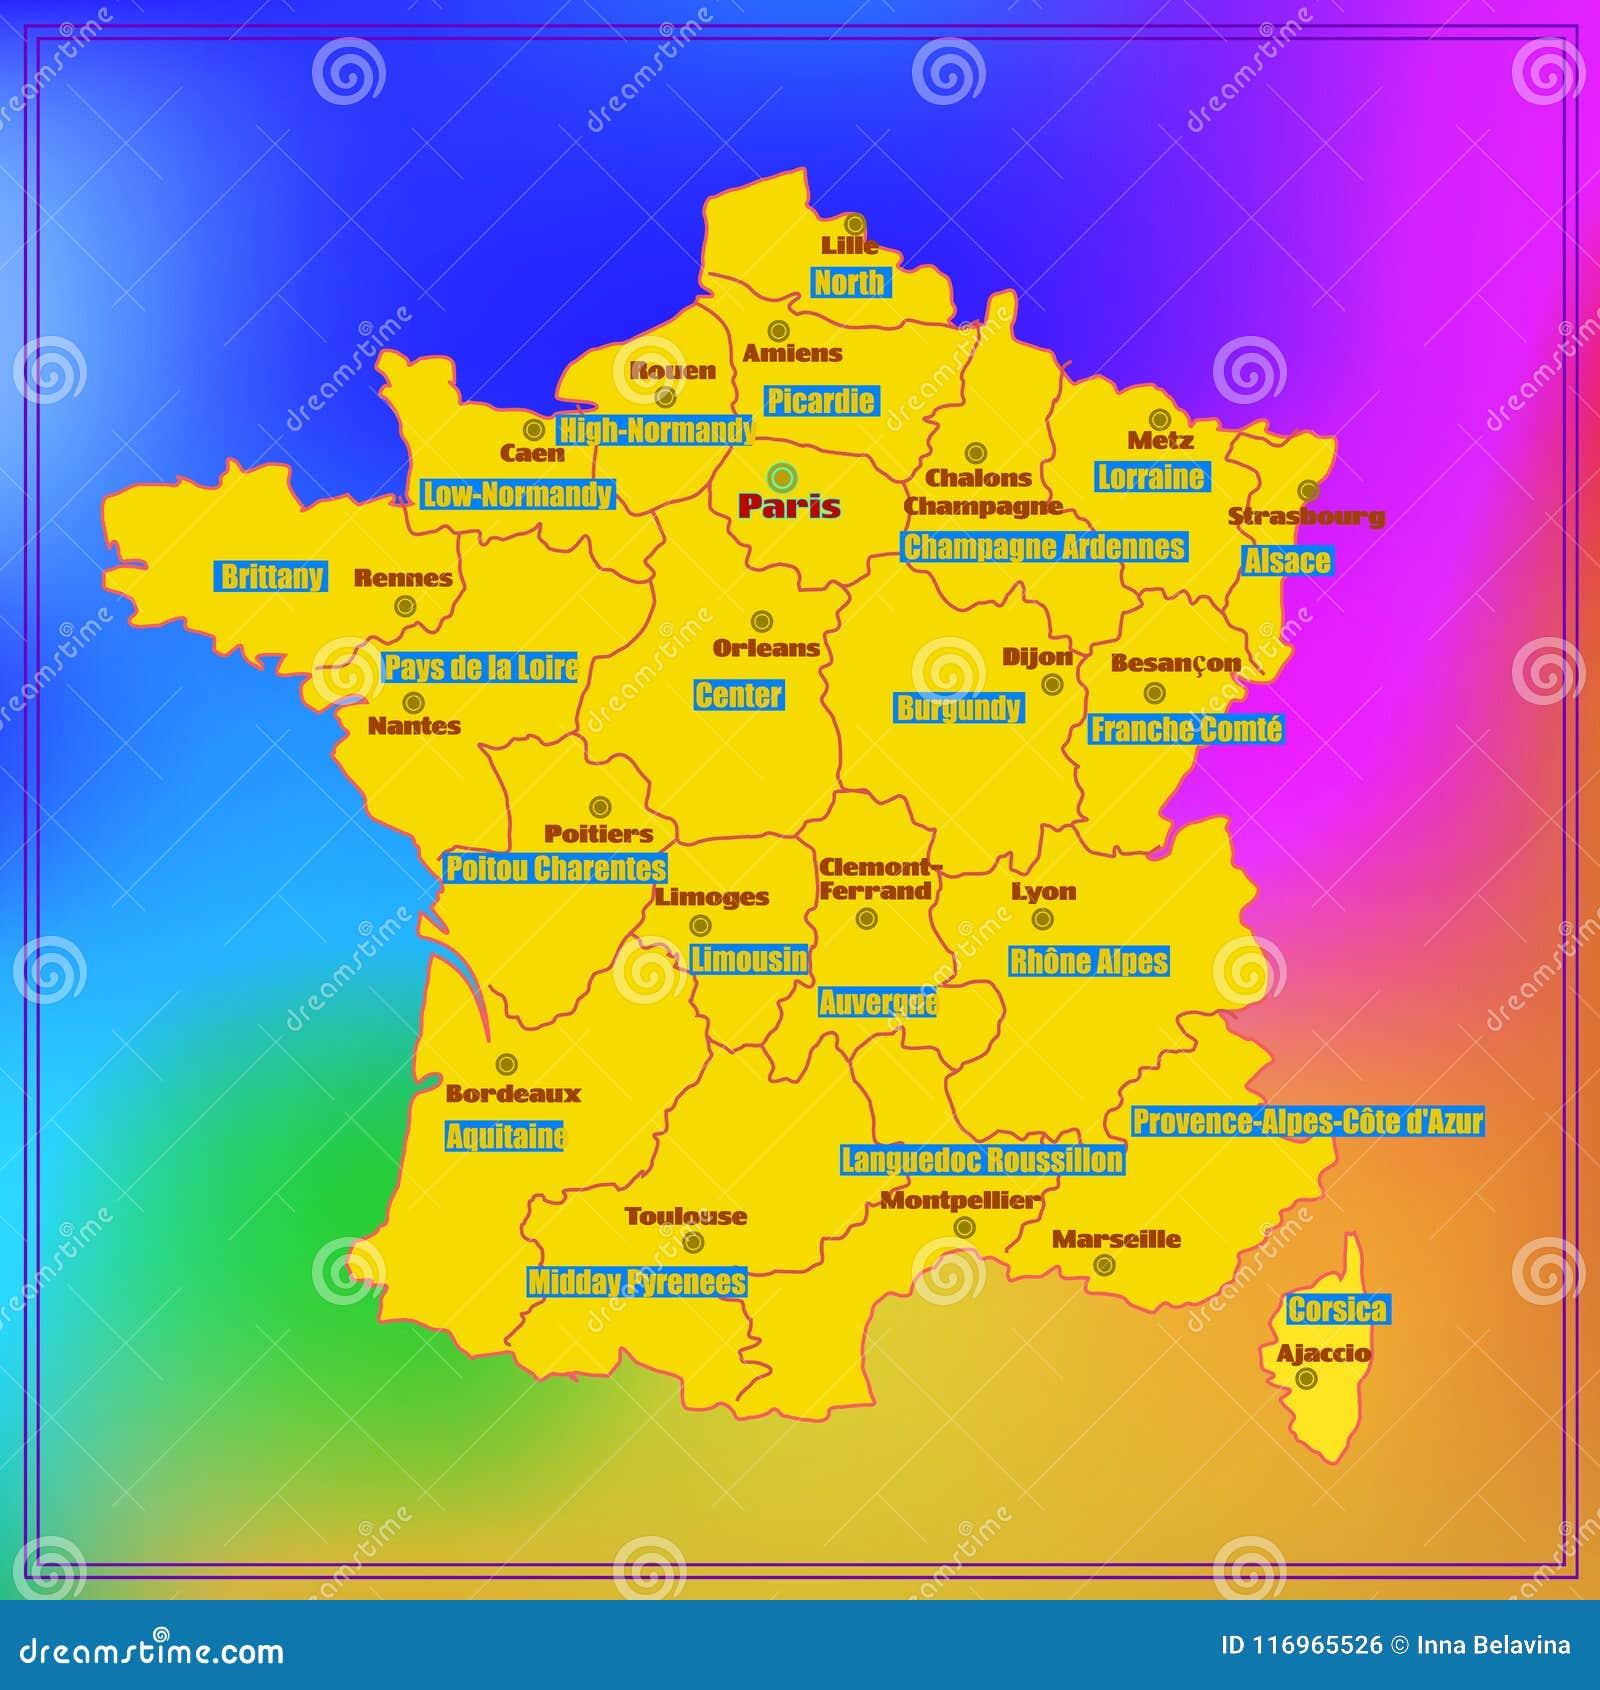 Regioni Francia Cartina.Mappa Della Francia Con Le Regioni Francesi Illustrazione Di Stock Illustrazione Di Coltura Grande 116965526